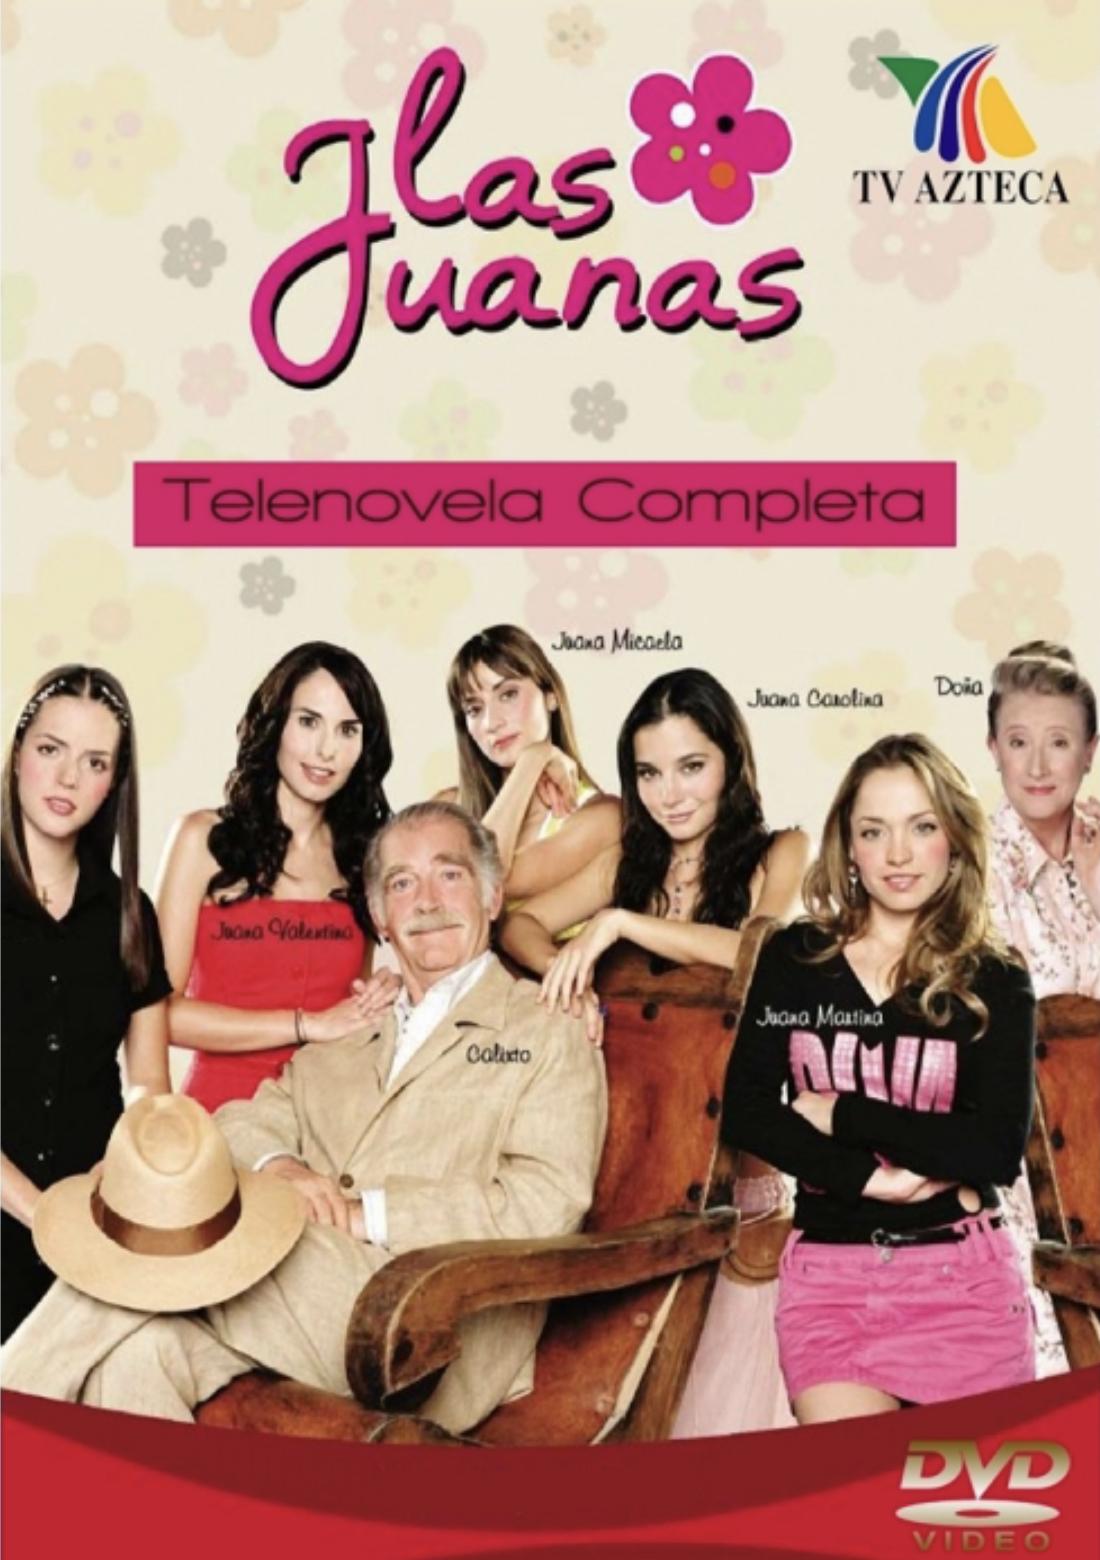 Las Juanas (TV Series 2004–2005) - IMDb